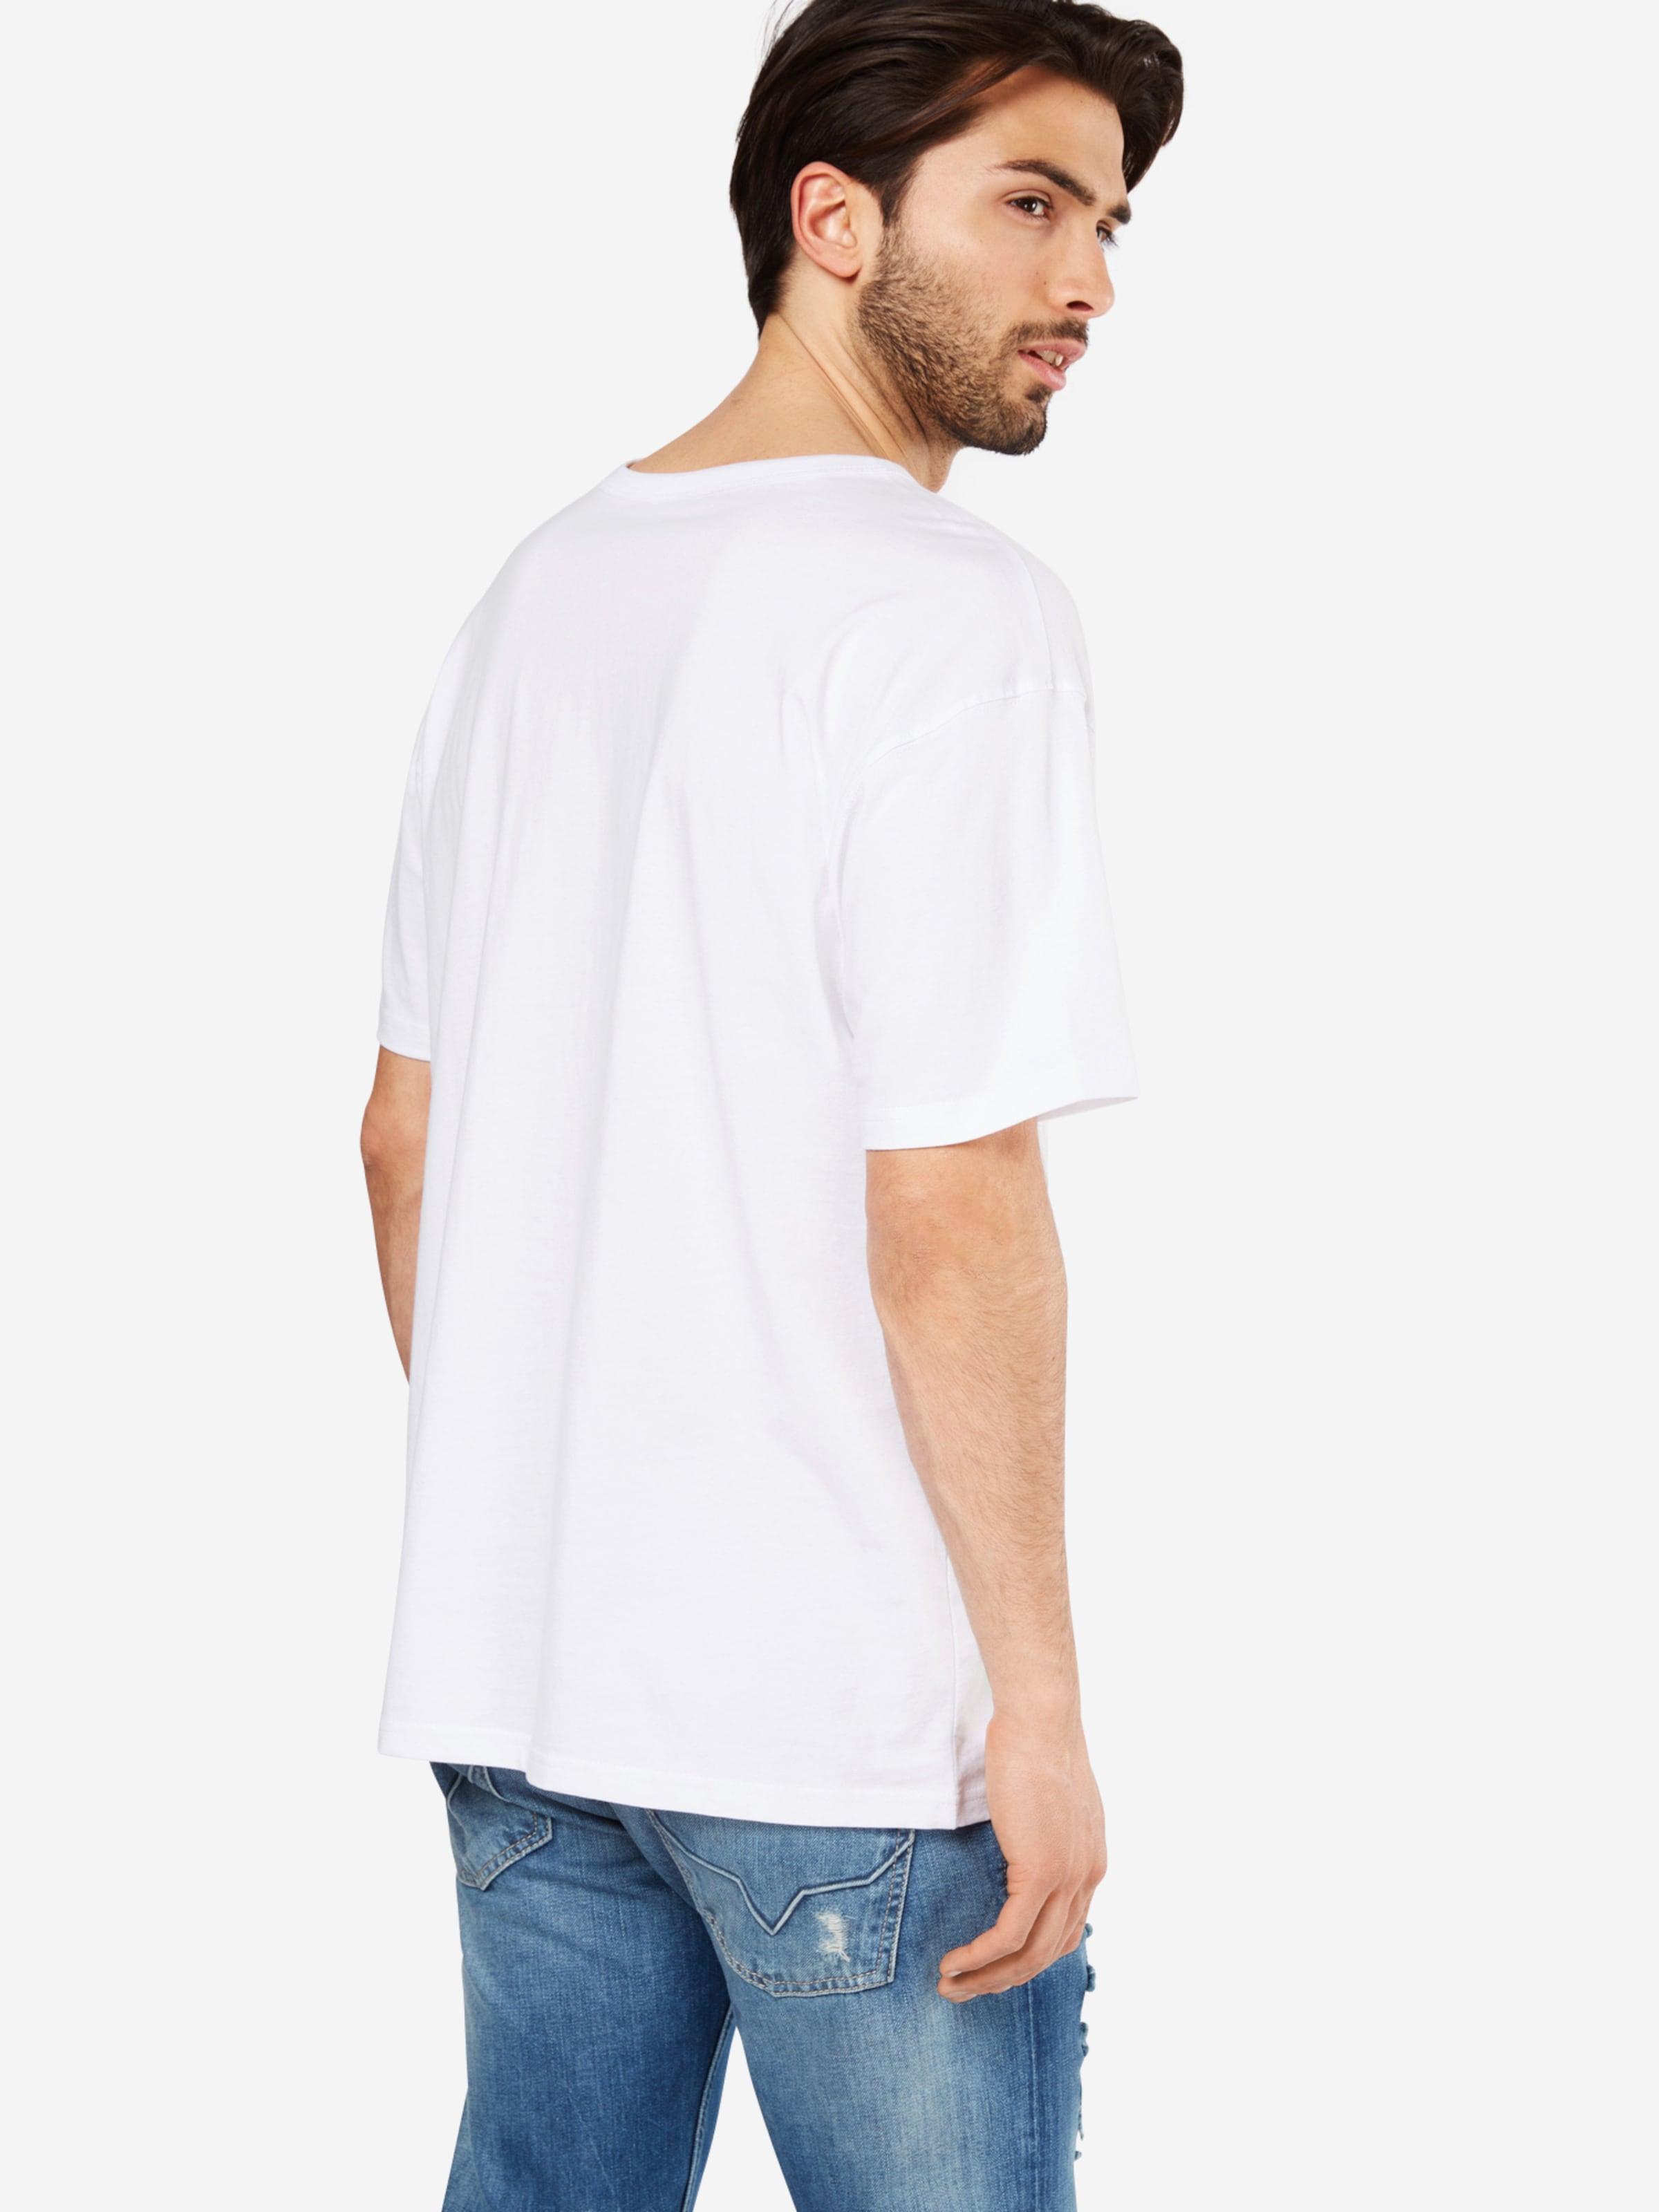 In Urban Classics Weiß T shirt Nn0wkPZOX8